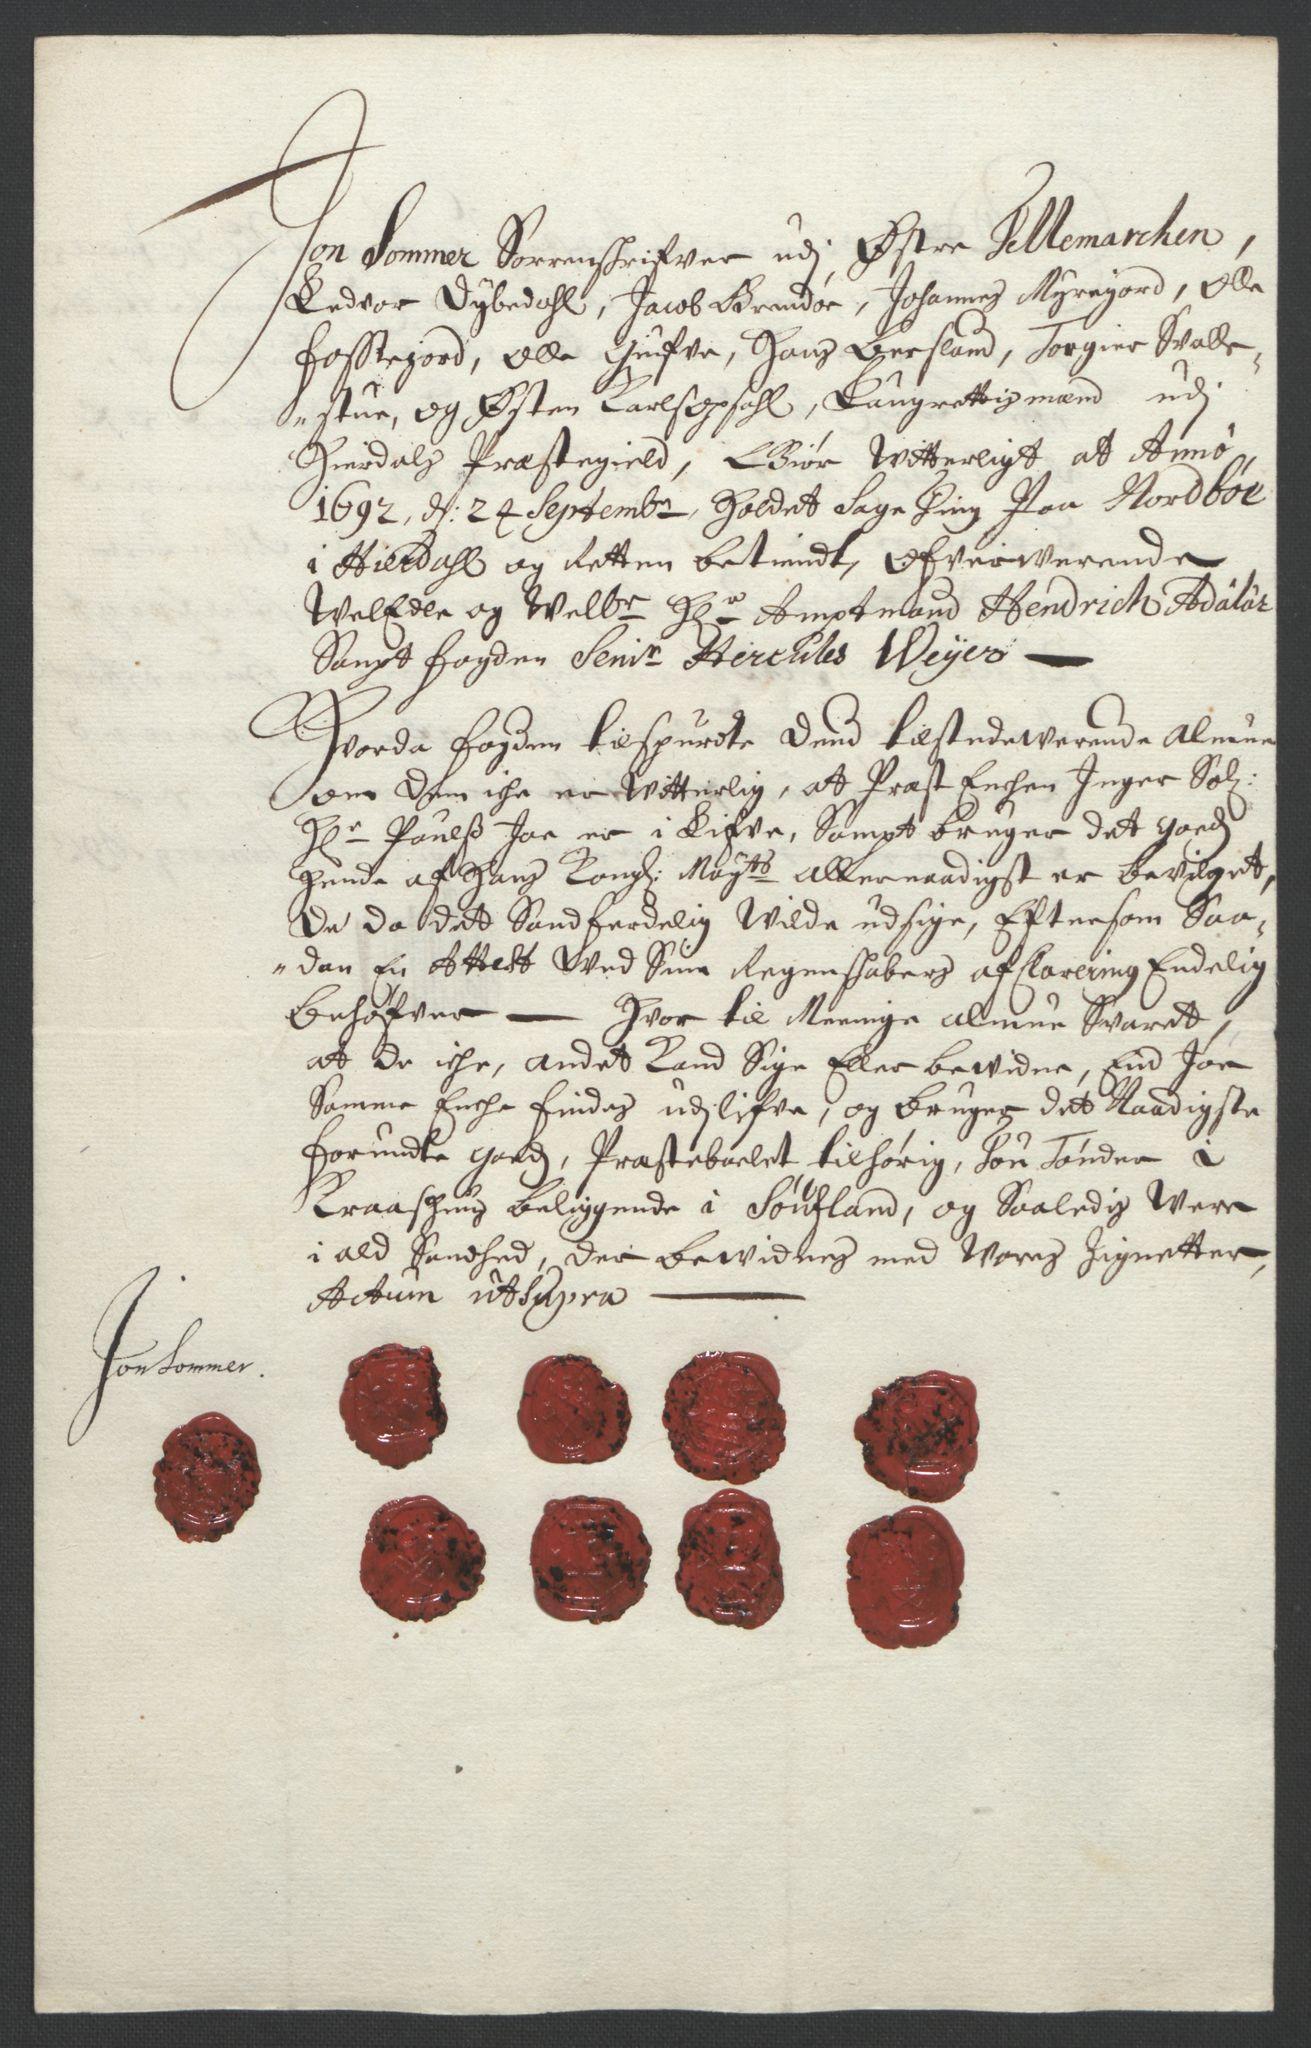 RA, Rentekammeret inntil 1814, Reviderte regnskaper, Fogderegnskap, R35/L2091: Fogderegnskap Øvre og Nedre Telemark, 1690-1693, s. 166